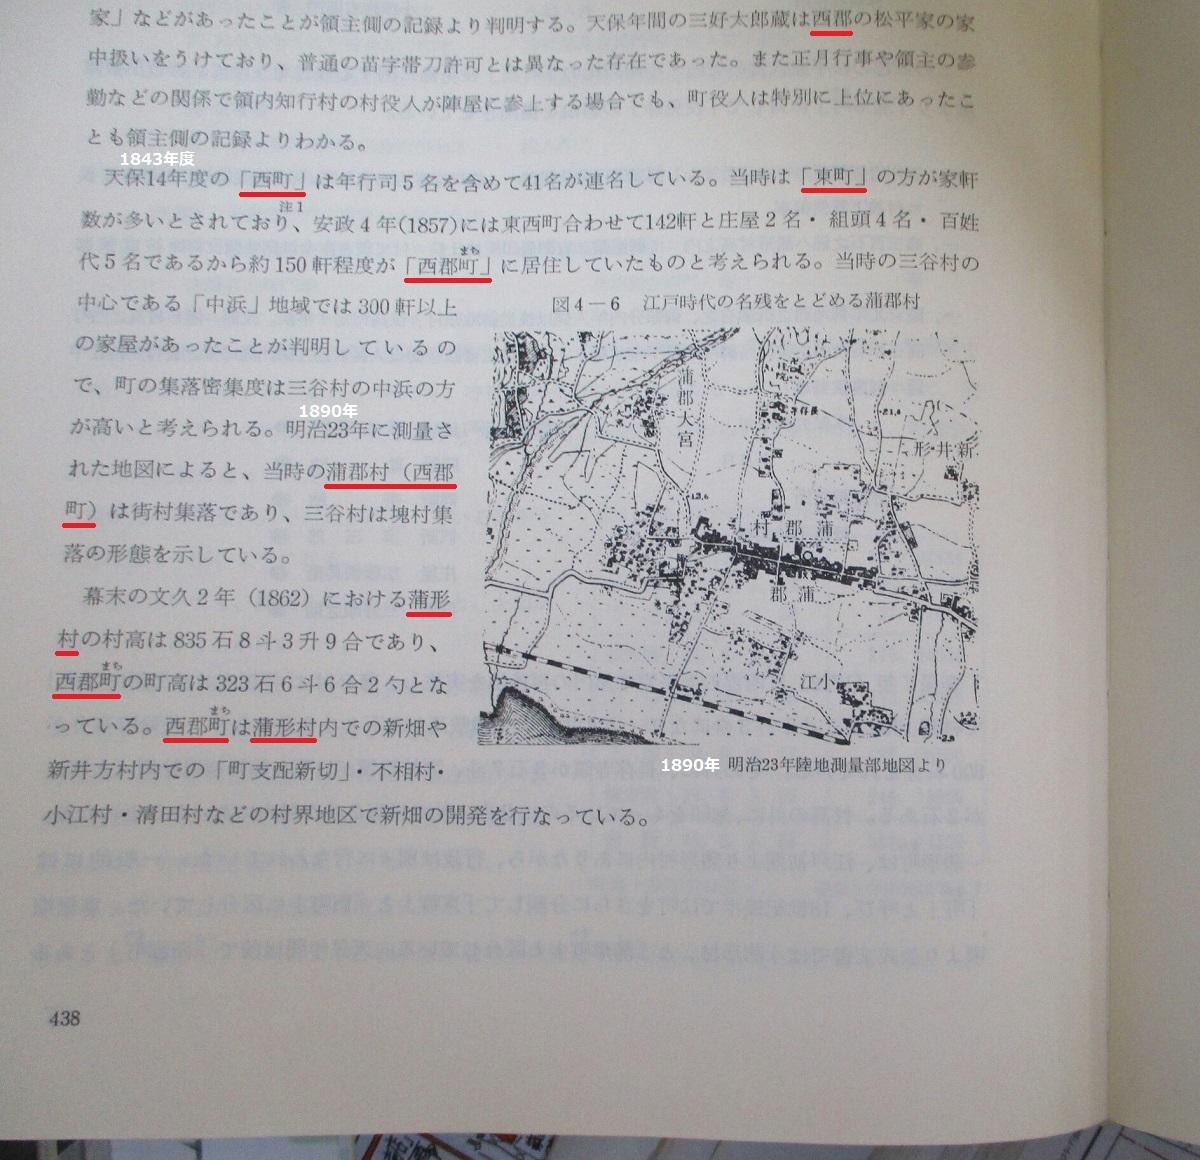 2019.3.26 (81) 蒲郡市博物館 - 蒲郡村の地図 1200-1160